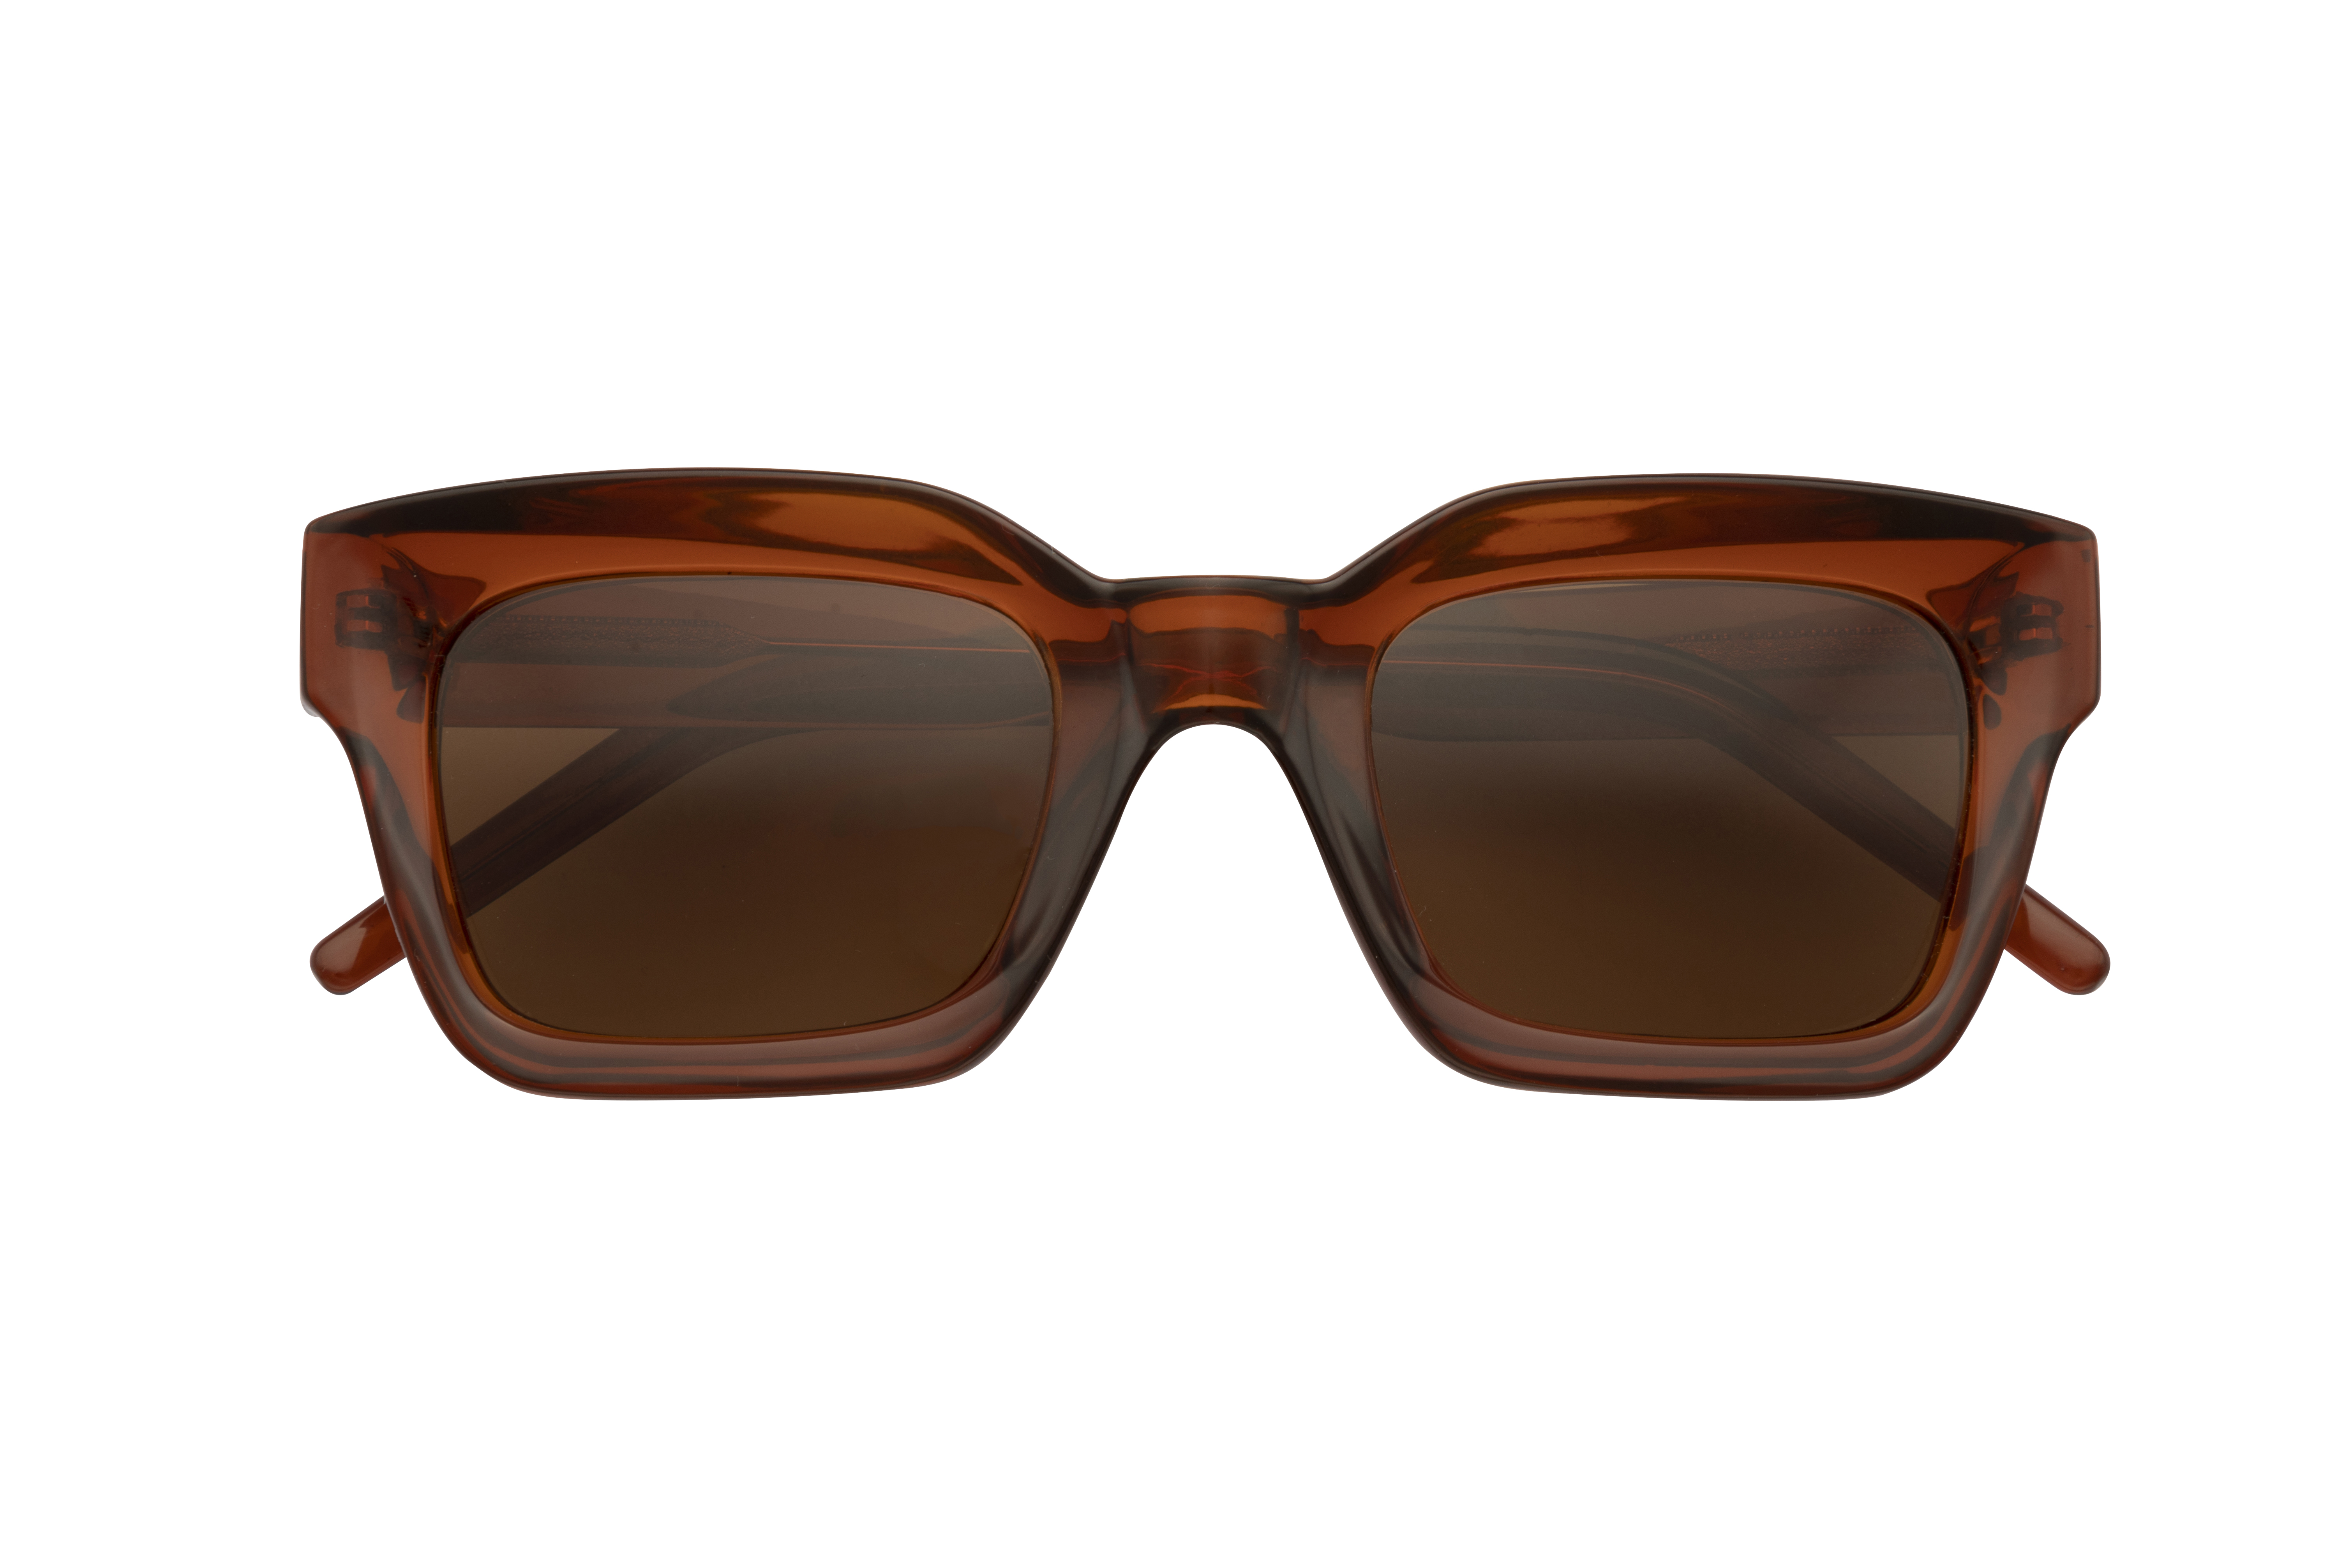 Wayfarer-Style Sonnenbrille in Braun